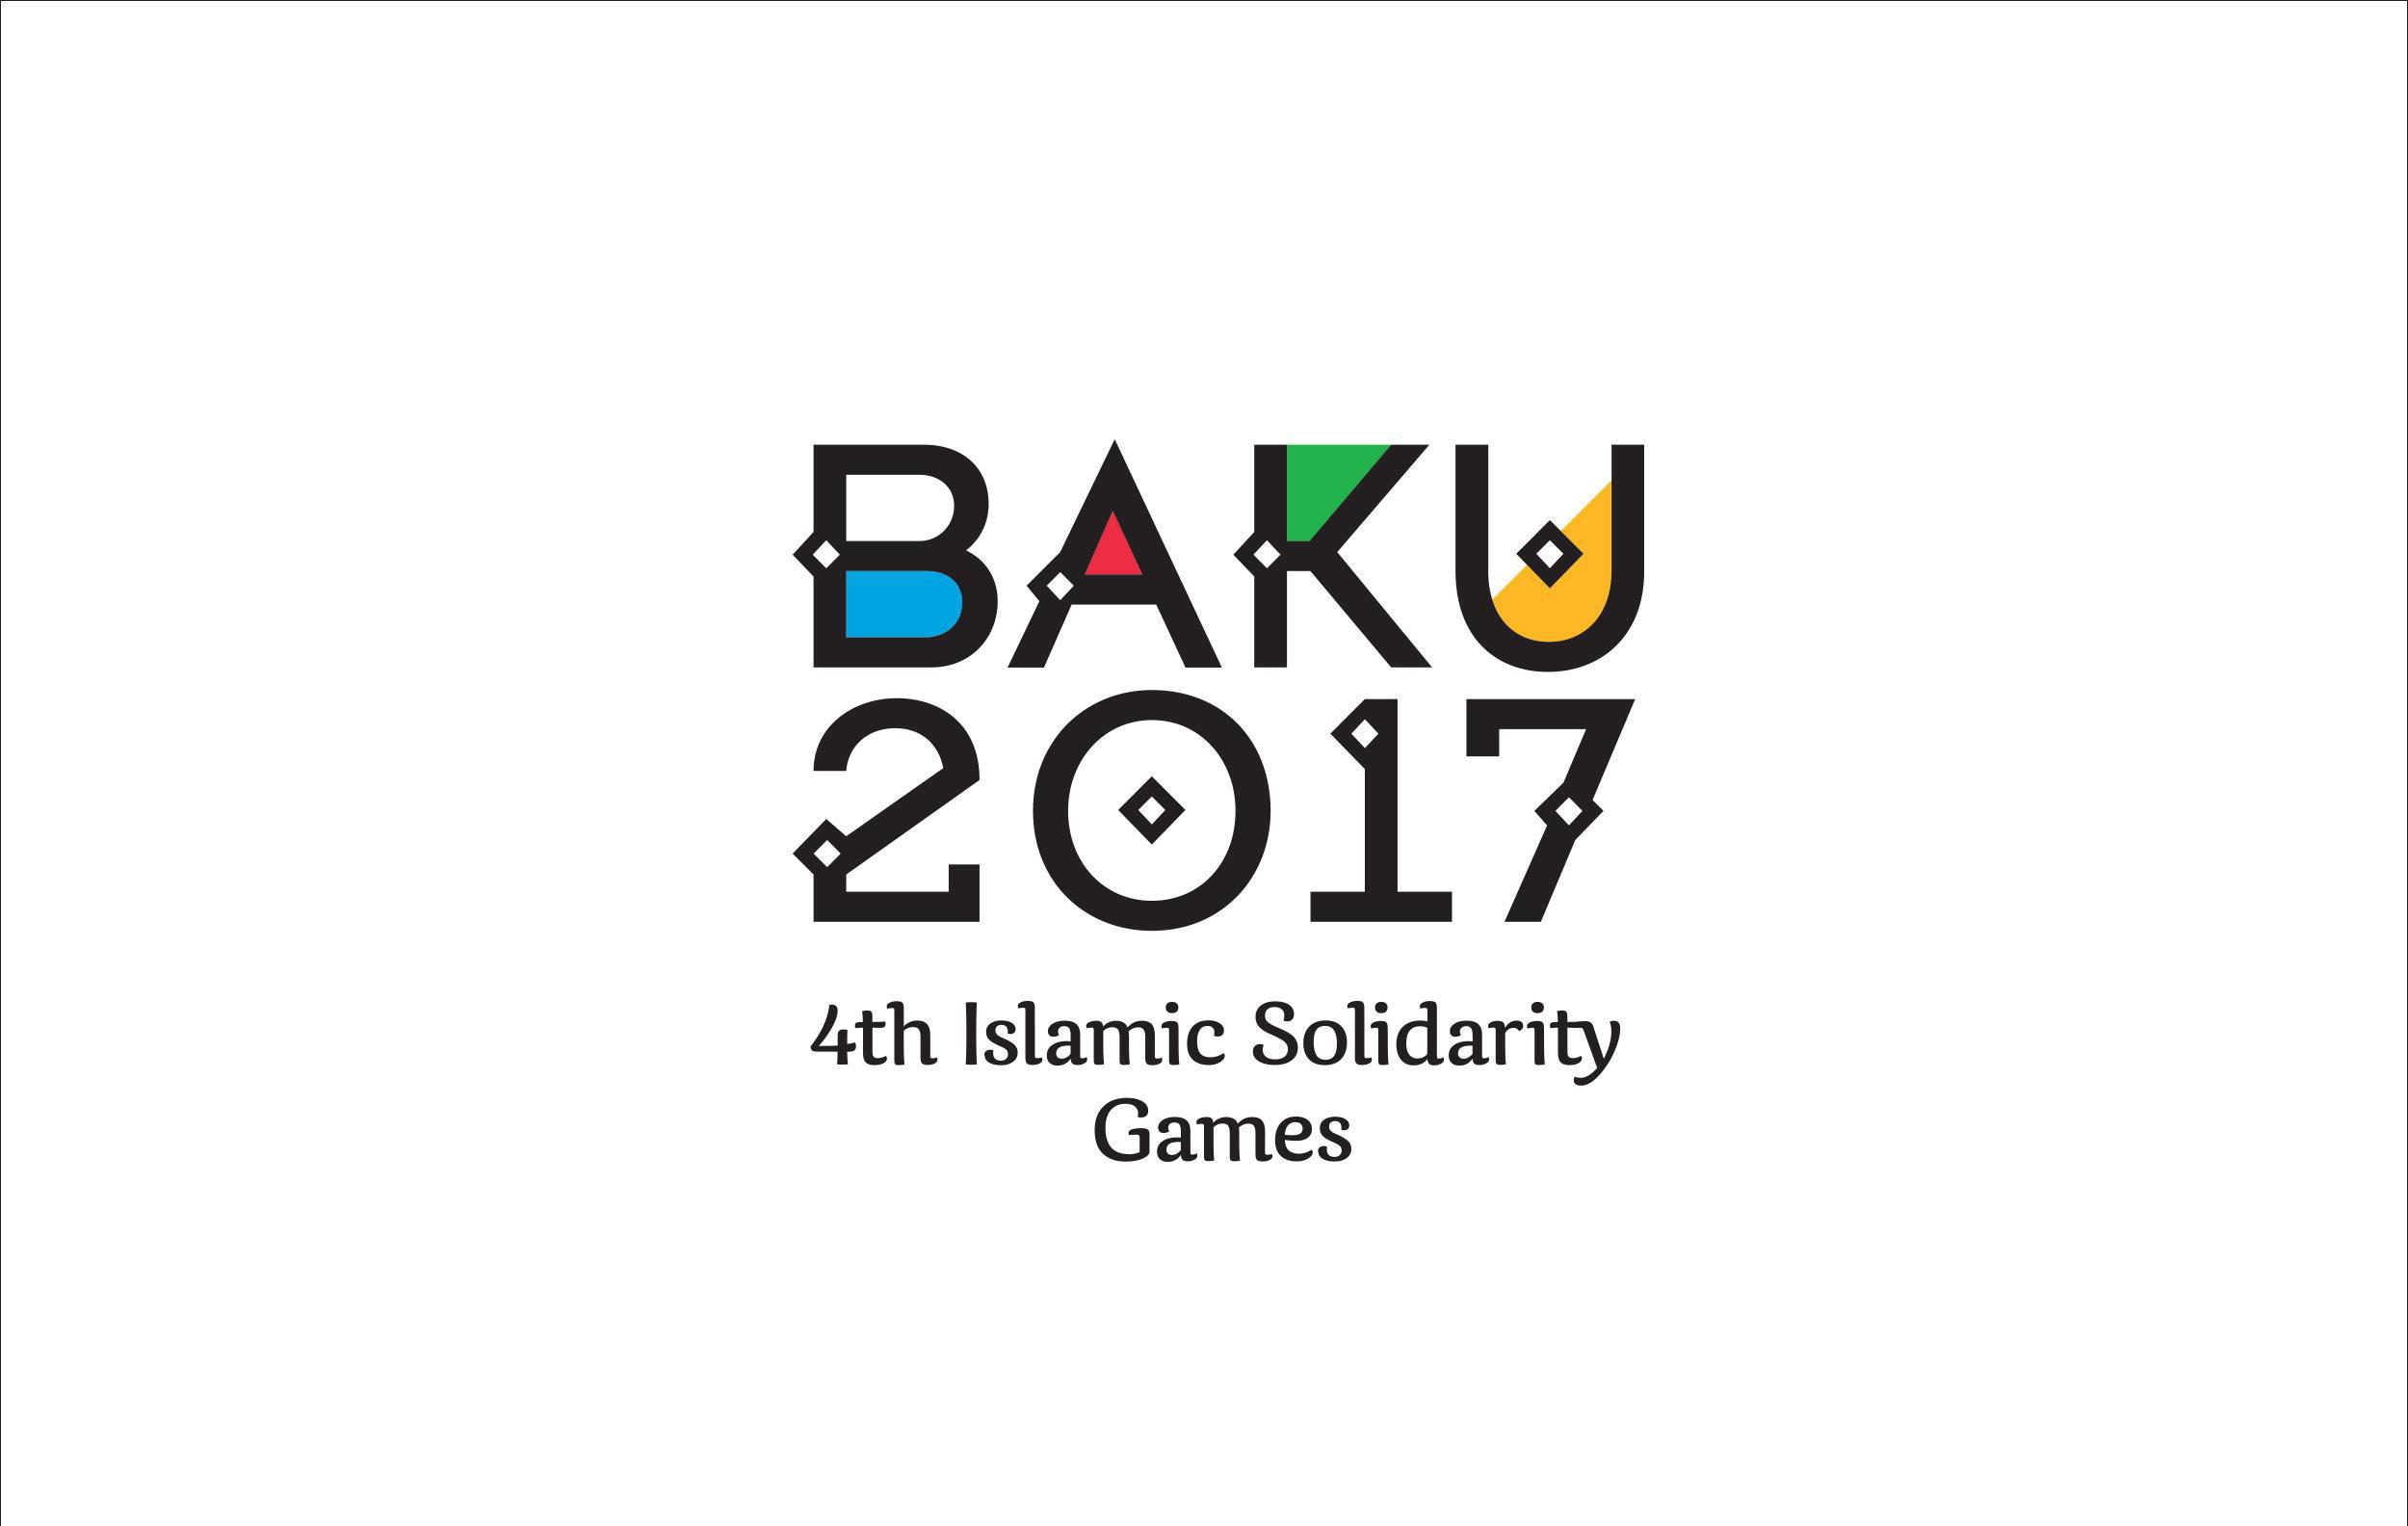 Эмблема IV Исламских игр солидарности в Баку